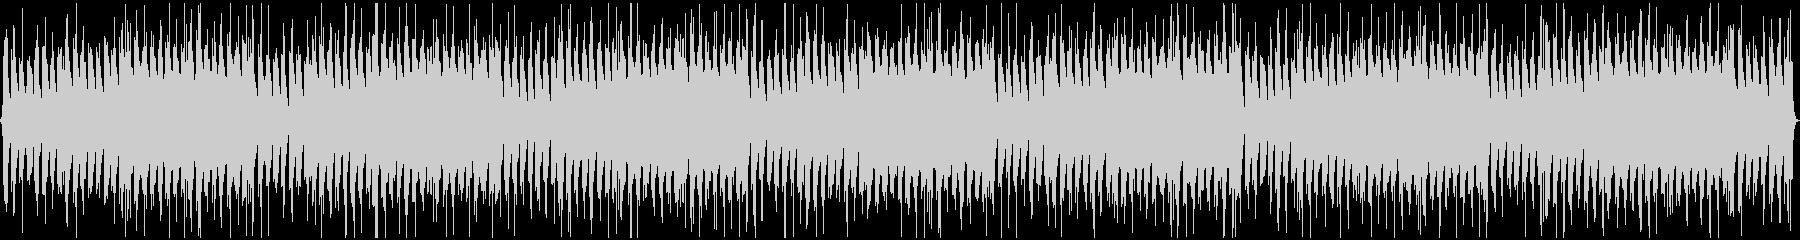 エレキギター、企業VPの未再生の波形